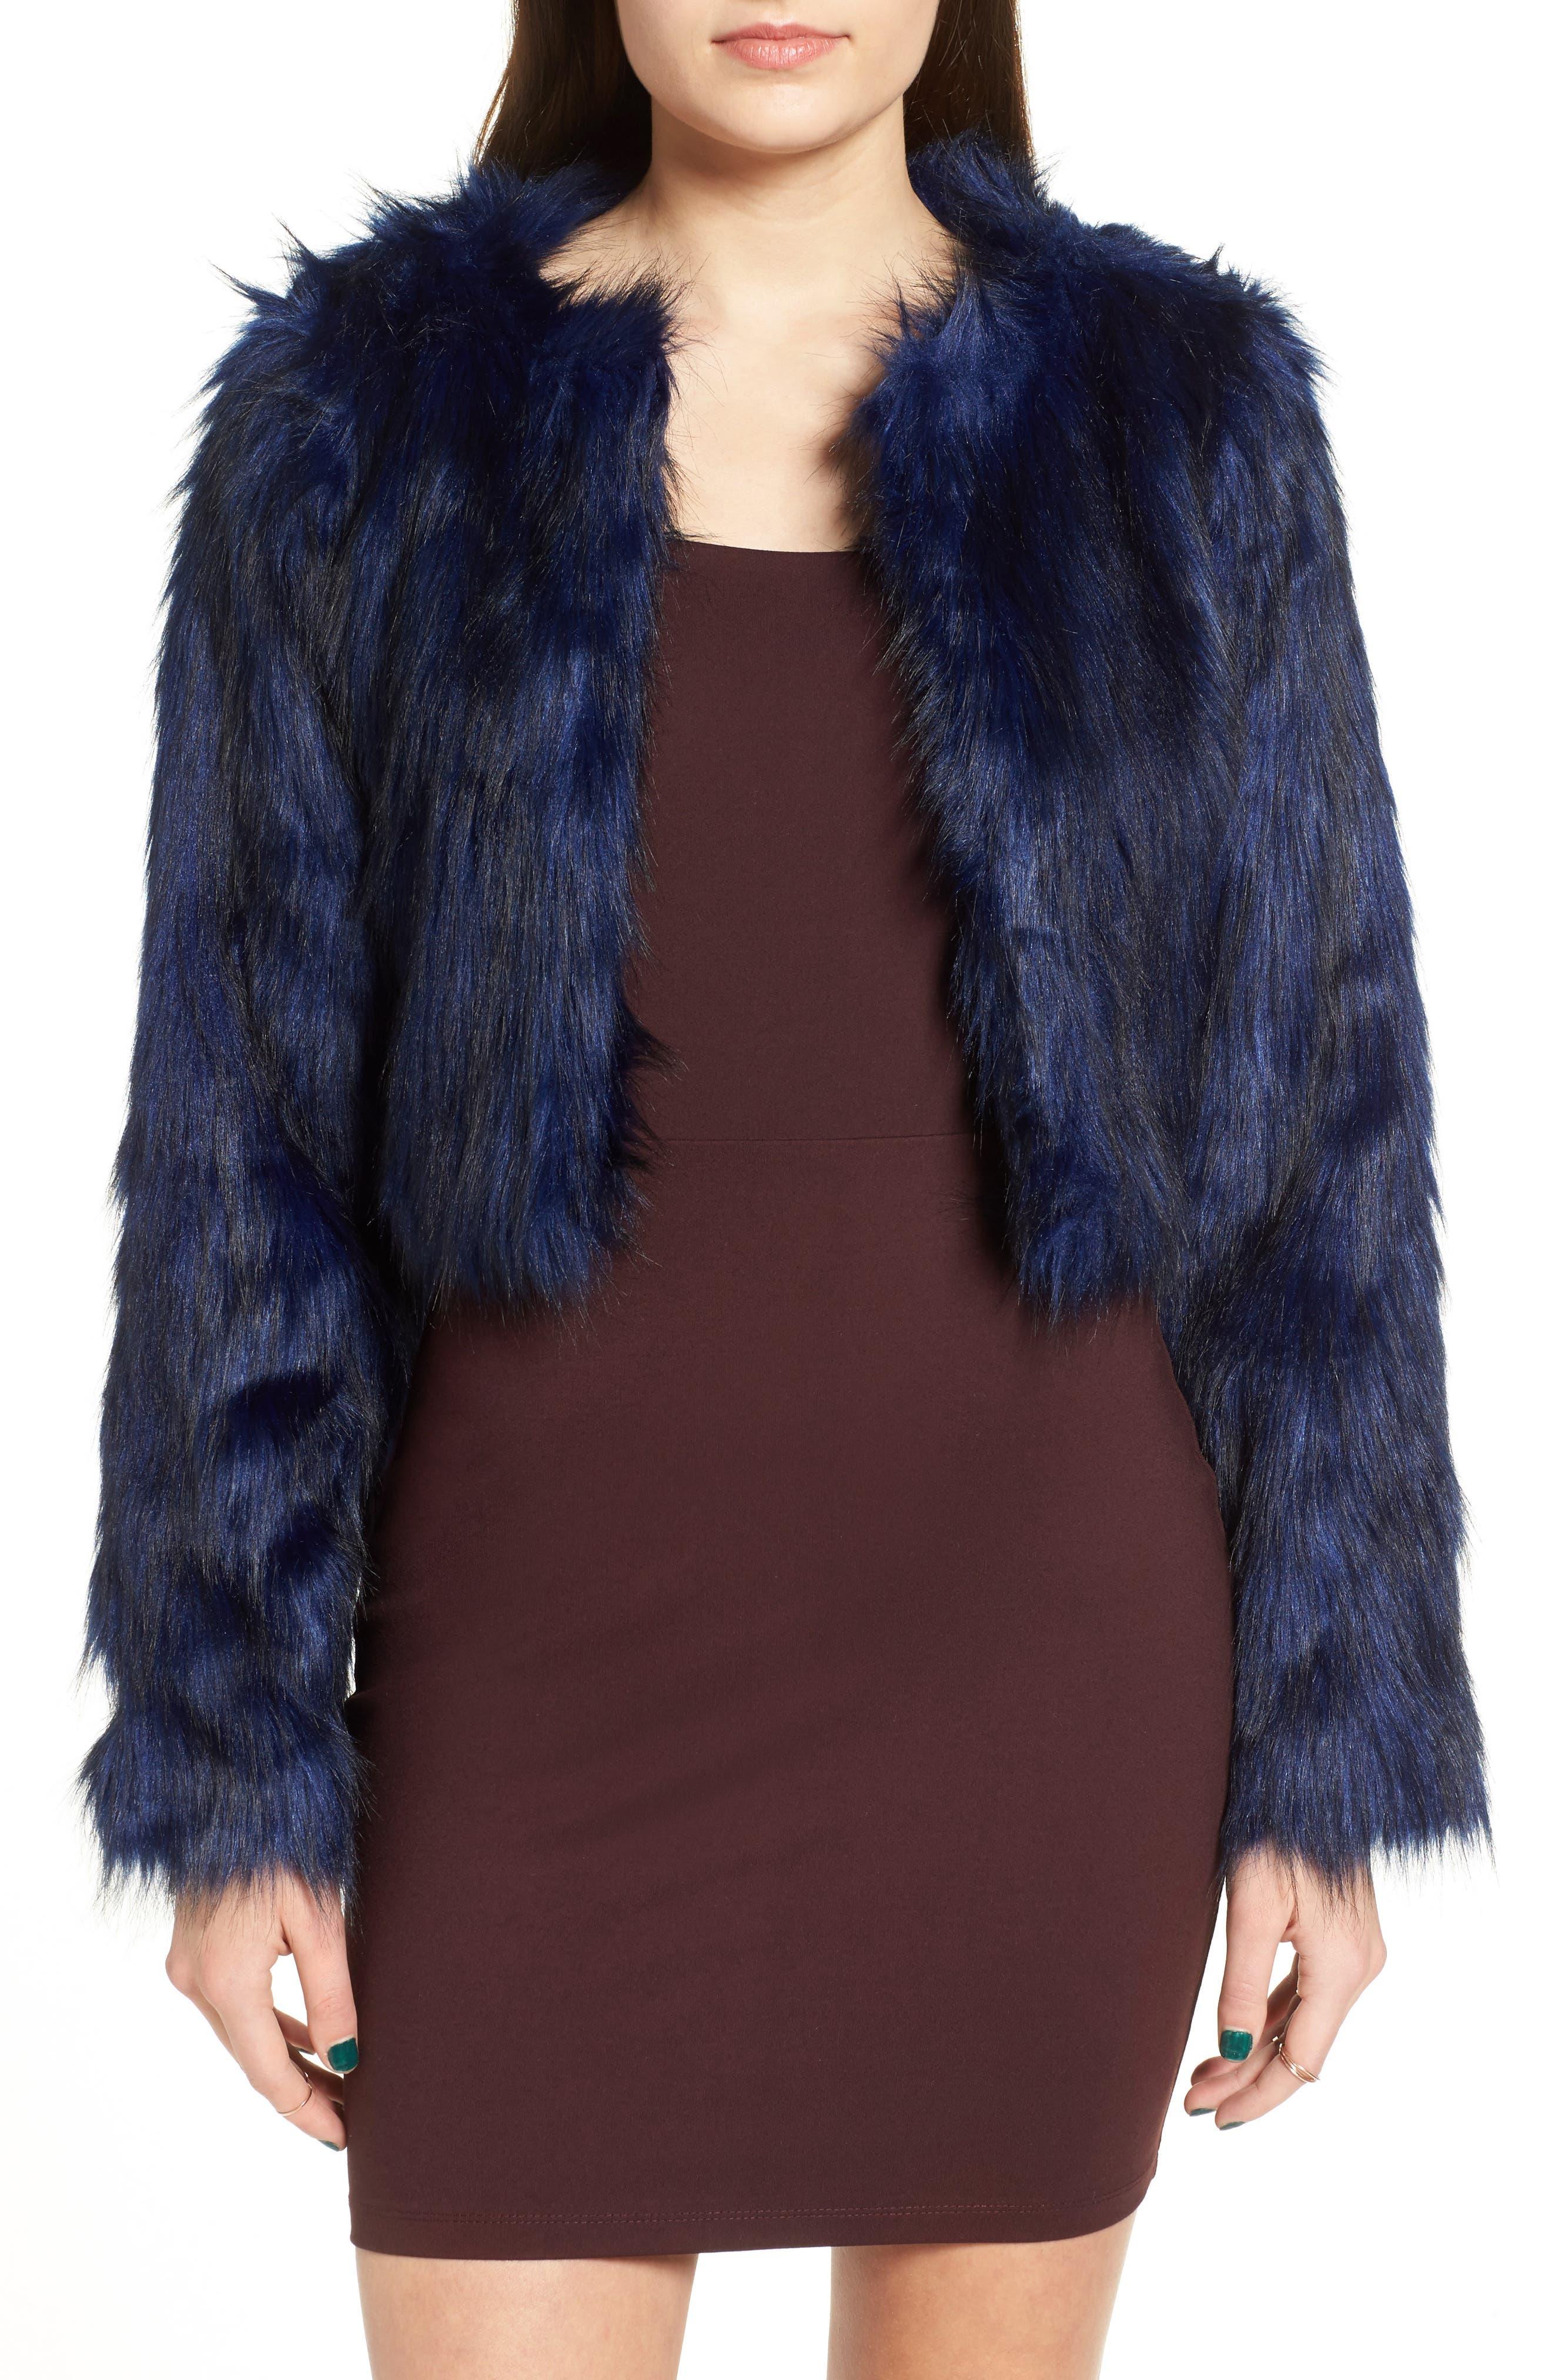 Main Image - Fire Faux Fur Jacket